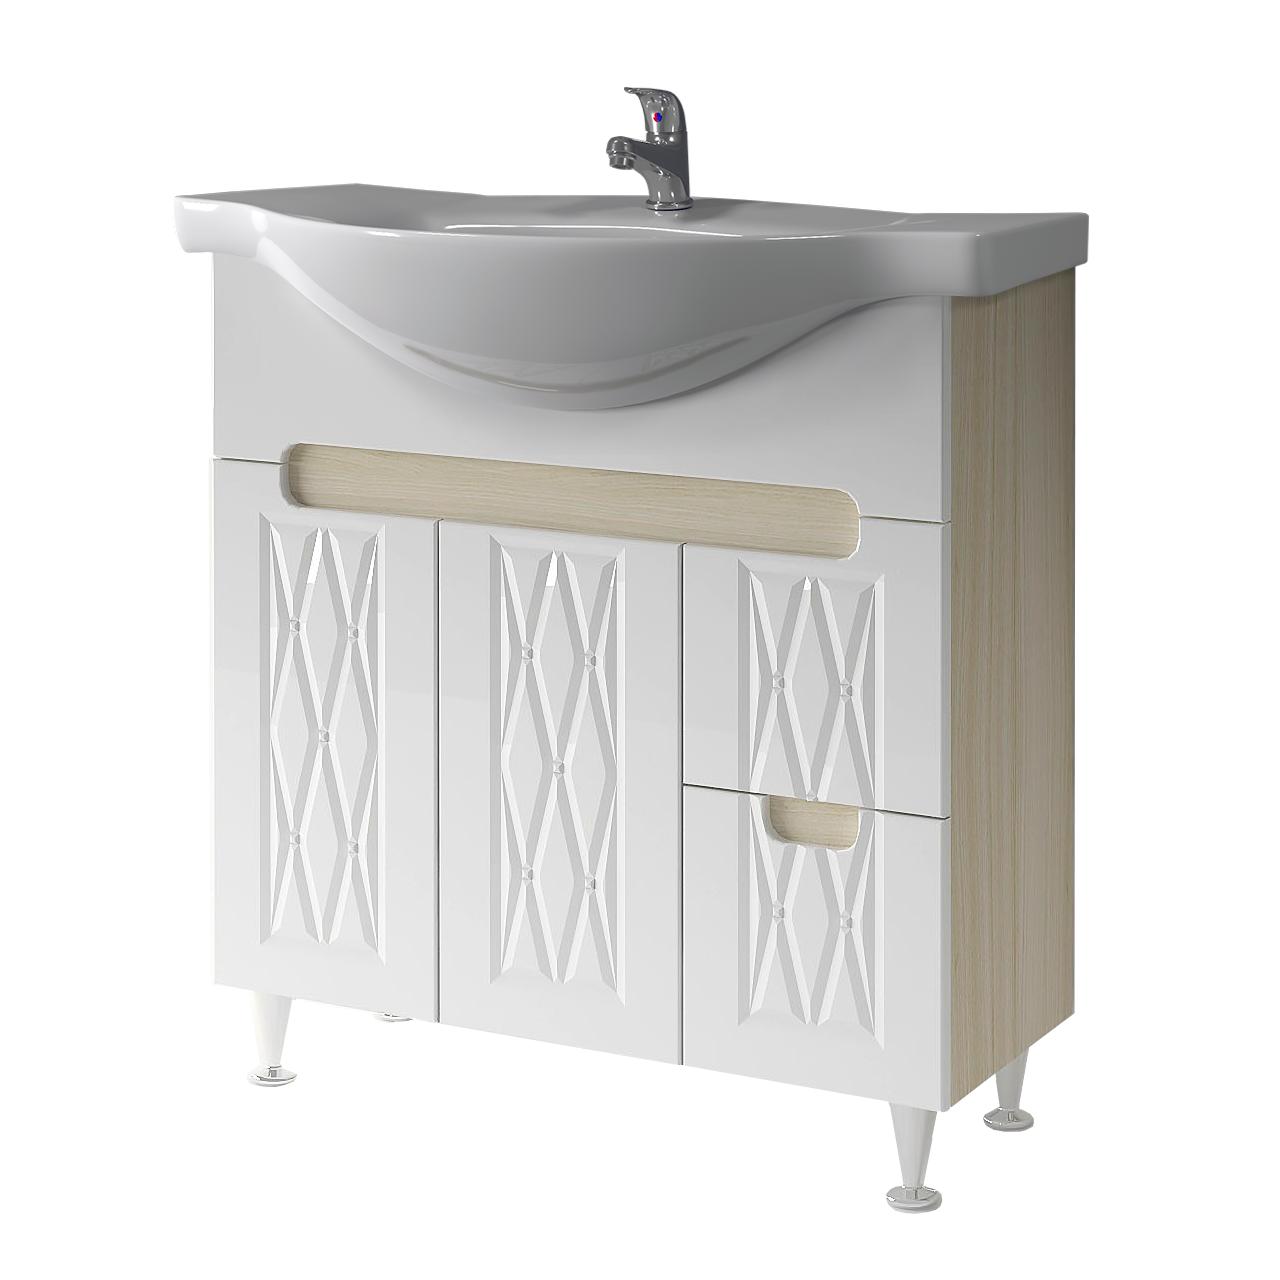 Тумба под раковину для ванной комнаты Венеция Вт 2-80м ( дуб молочный ) с умывальником Libra 80 ВанЛанд